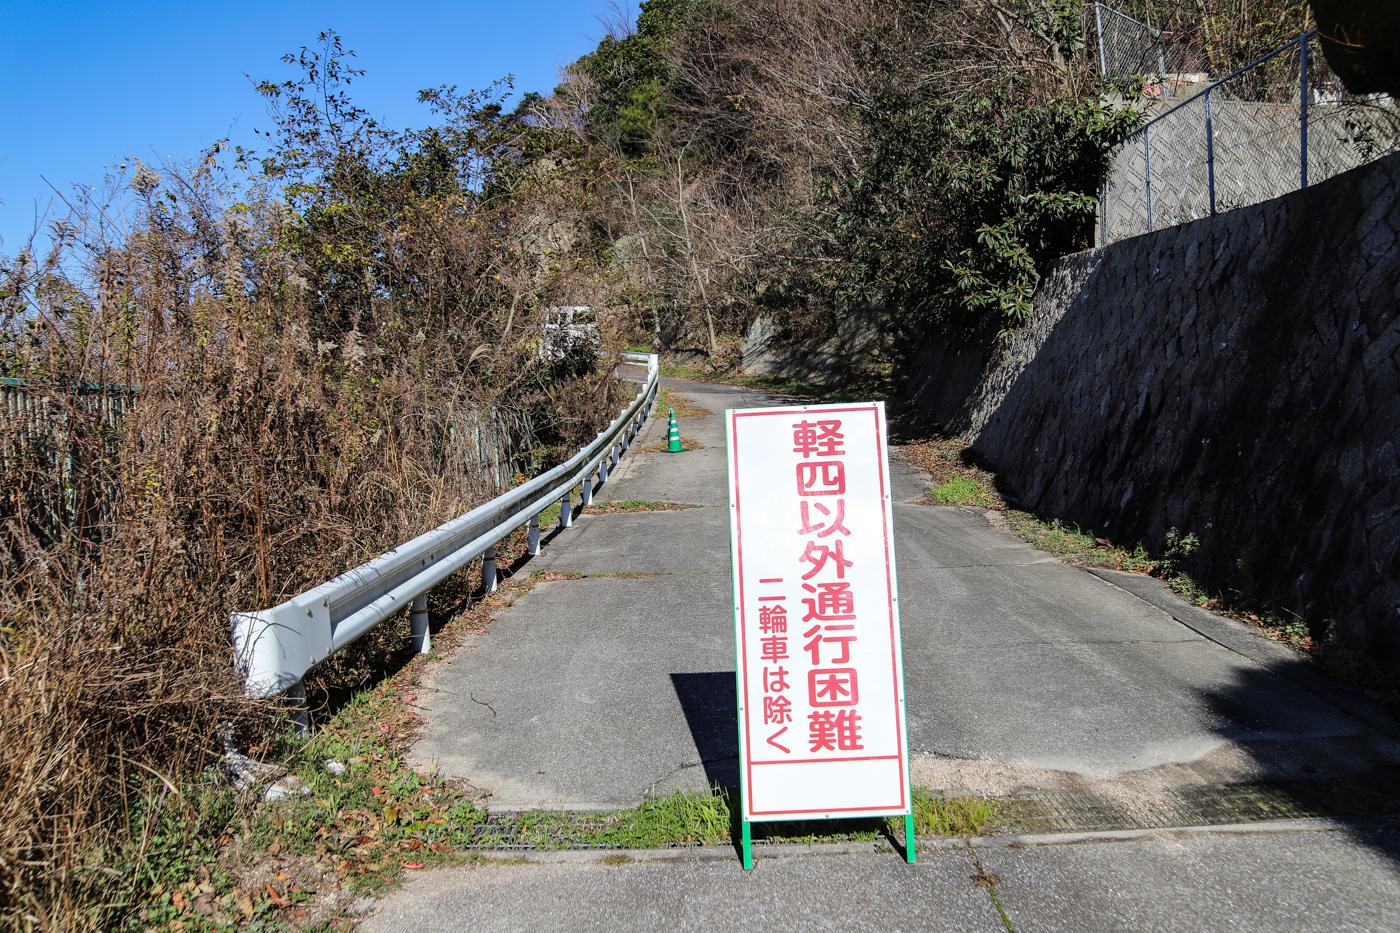 ninoshima-19.jpg